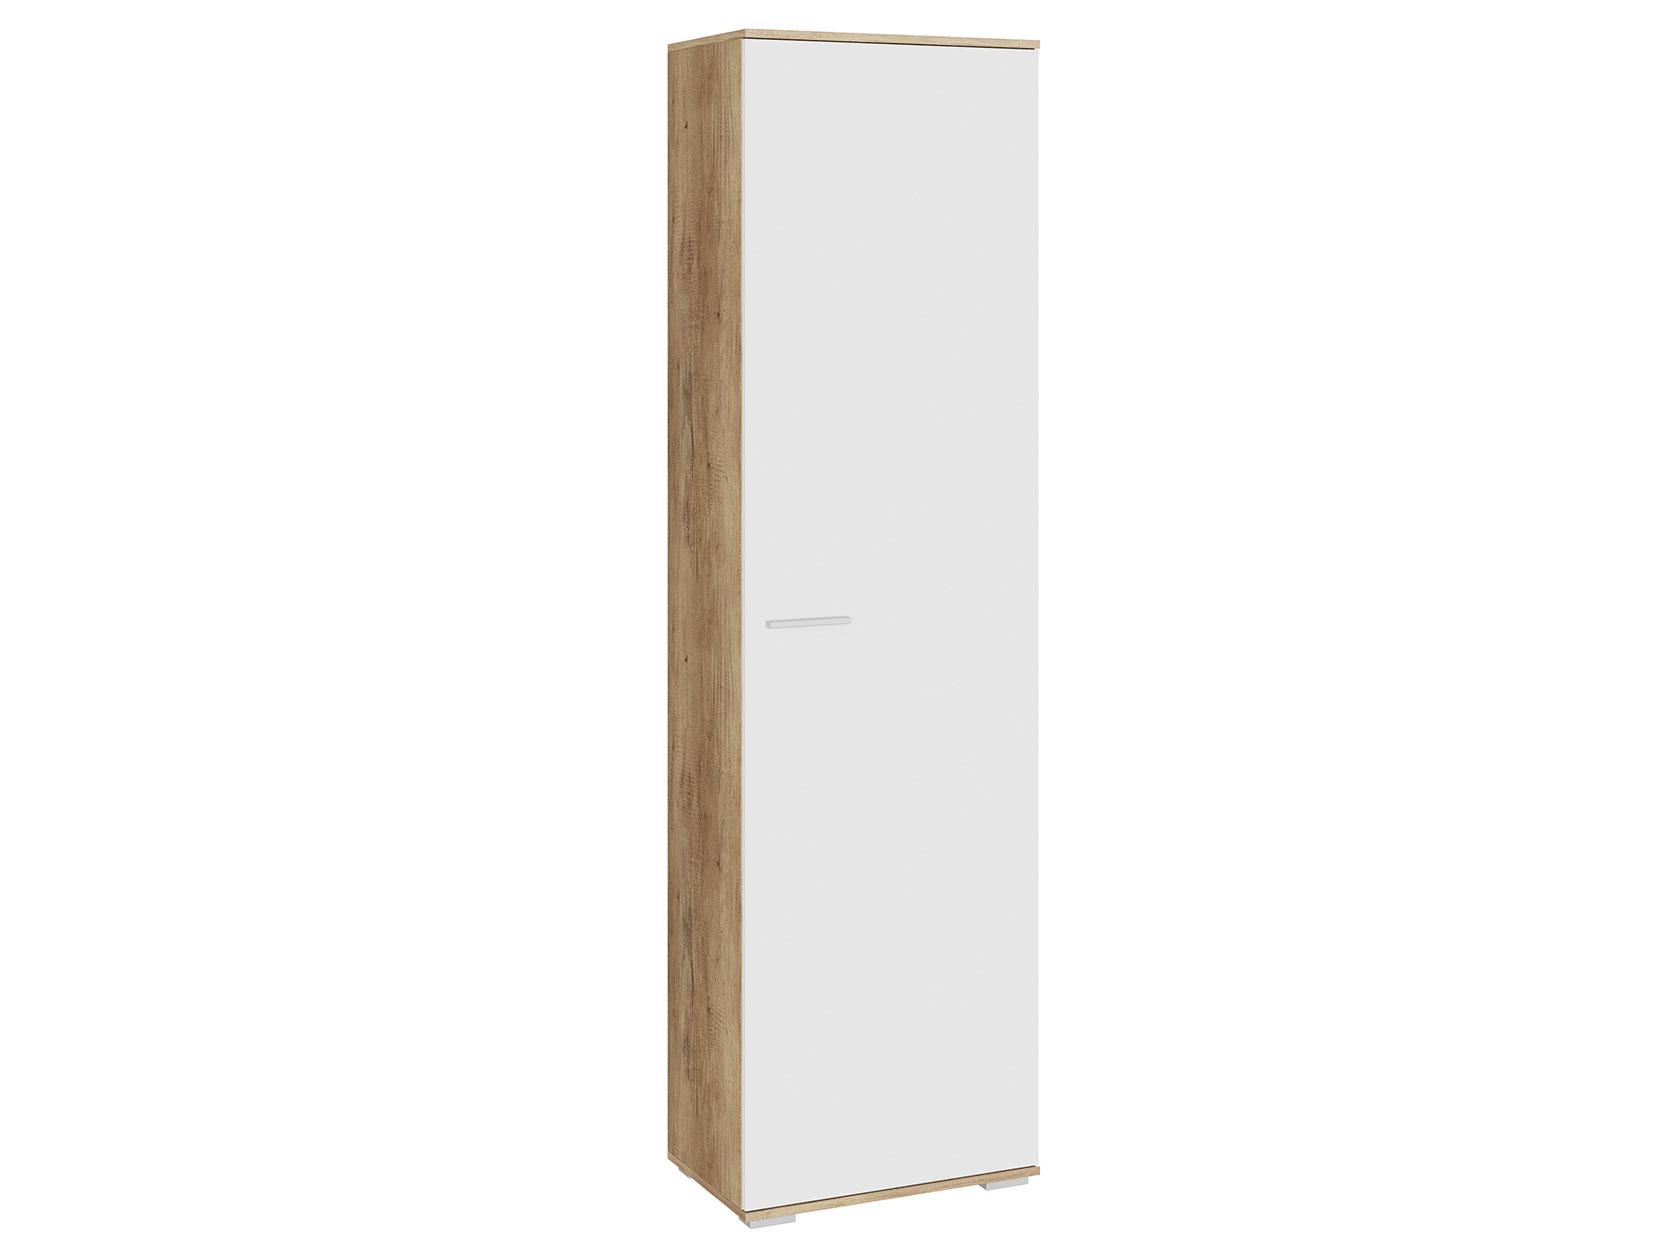 Шкаф-пенал 150-79346